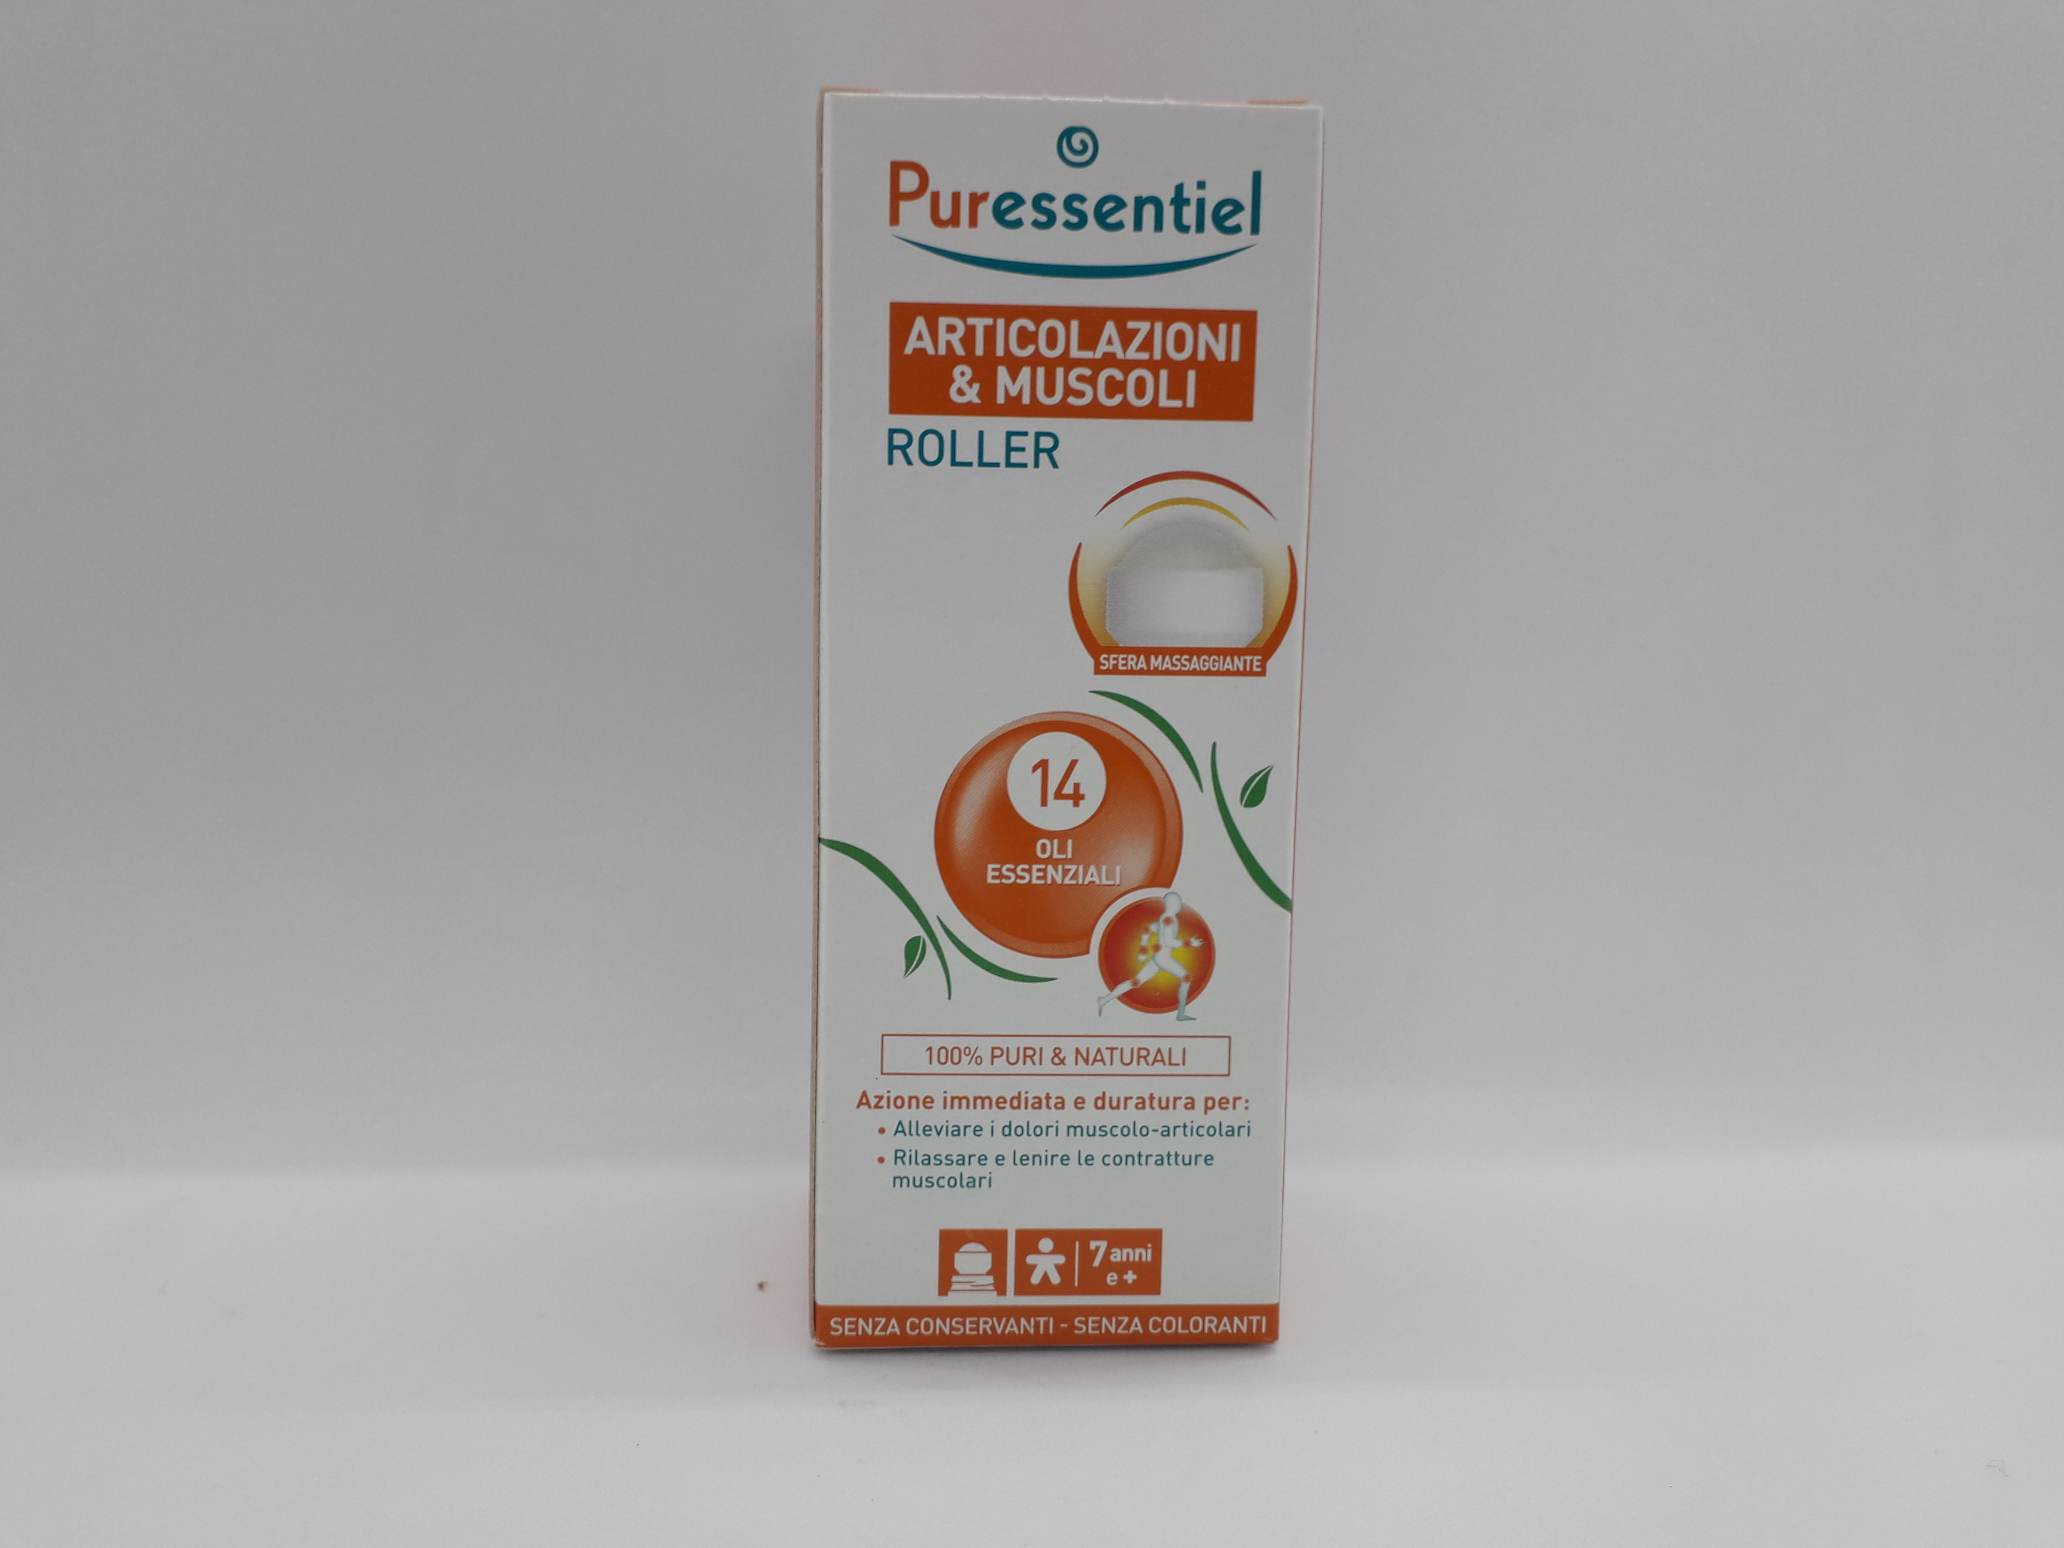 PURESSENTIEL ROLLER ARTICOLAZIONI MUSCOLI 75 ML - Farmaciaempatica.it